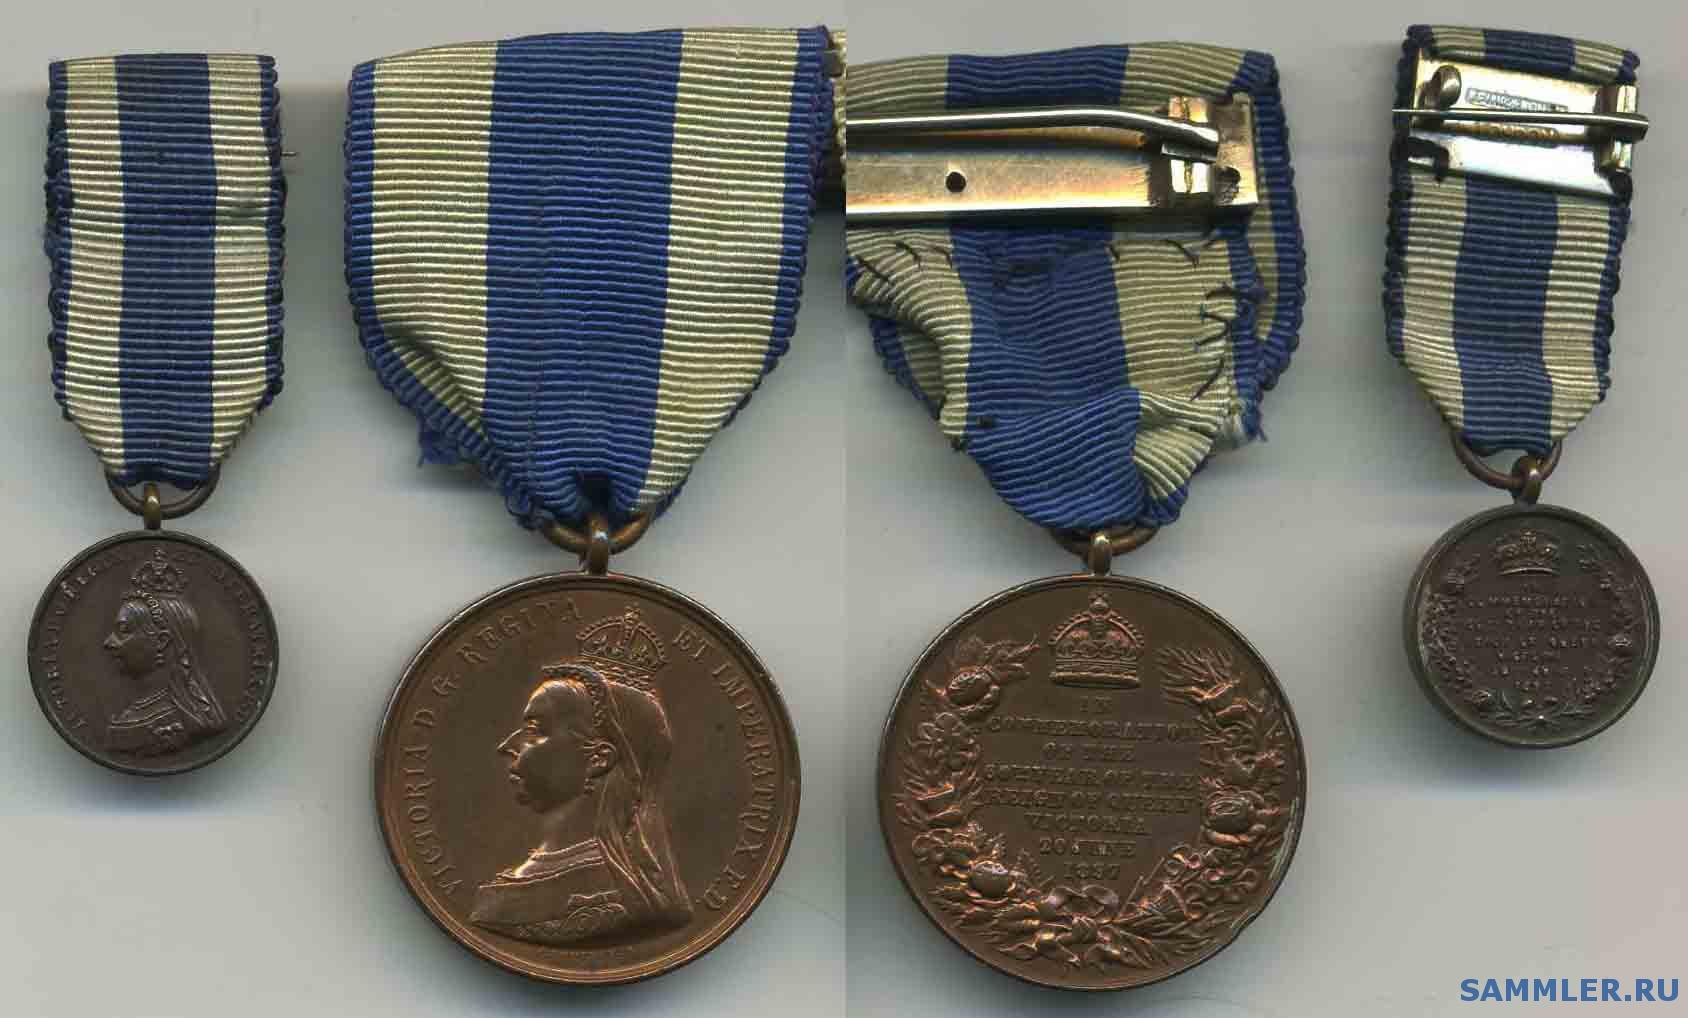 Jubilee_Medal_1897_.jpg